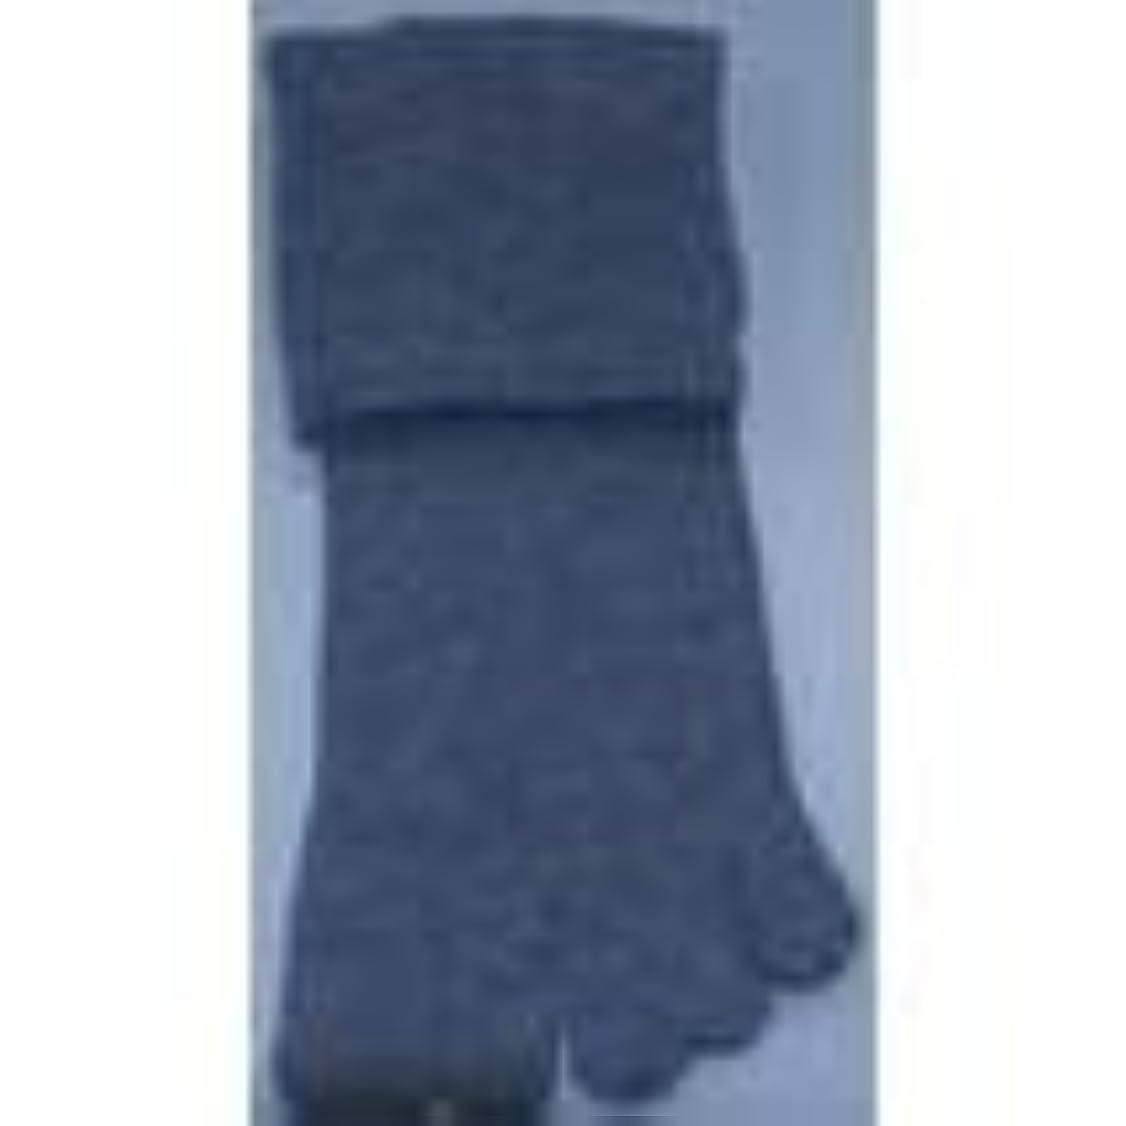 必要条件関連する潜む足裏安定5本指靴下(L(26-28cm), グレー)